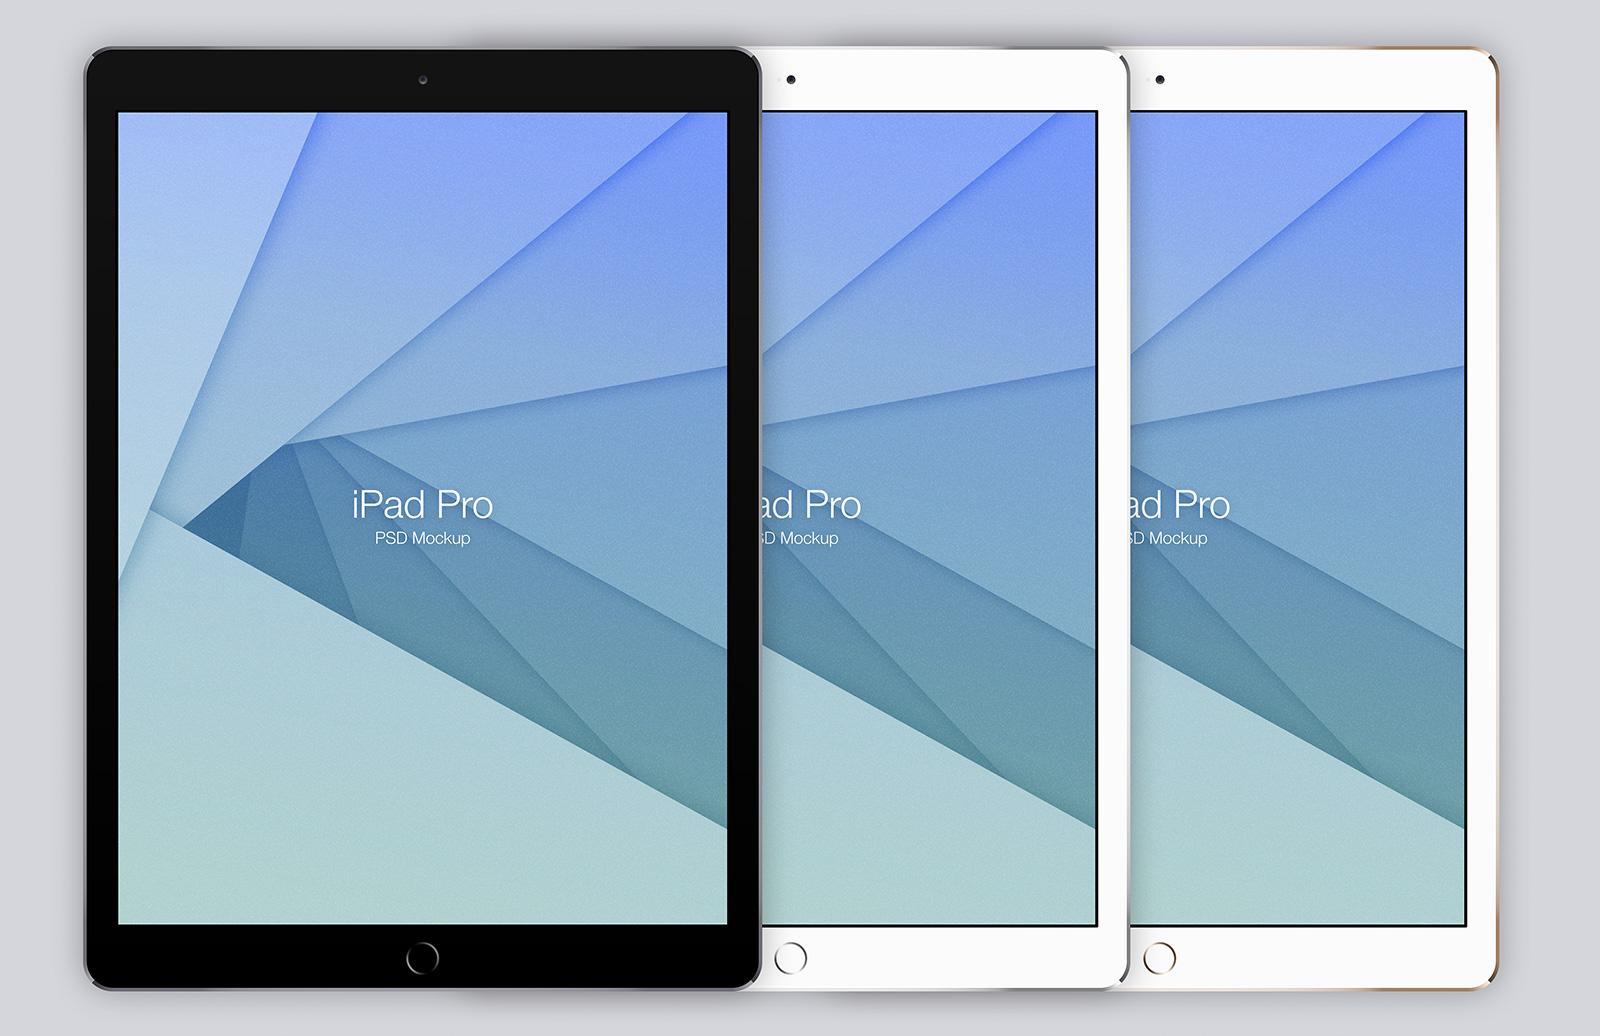 iPad Pro Mockup (Psd) 2